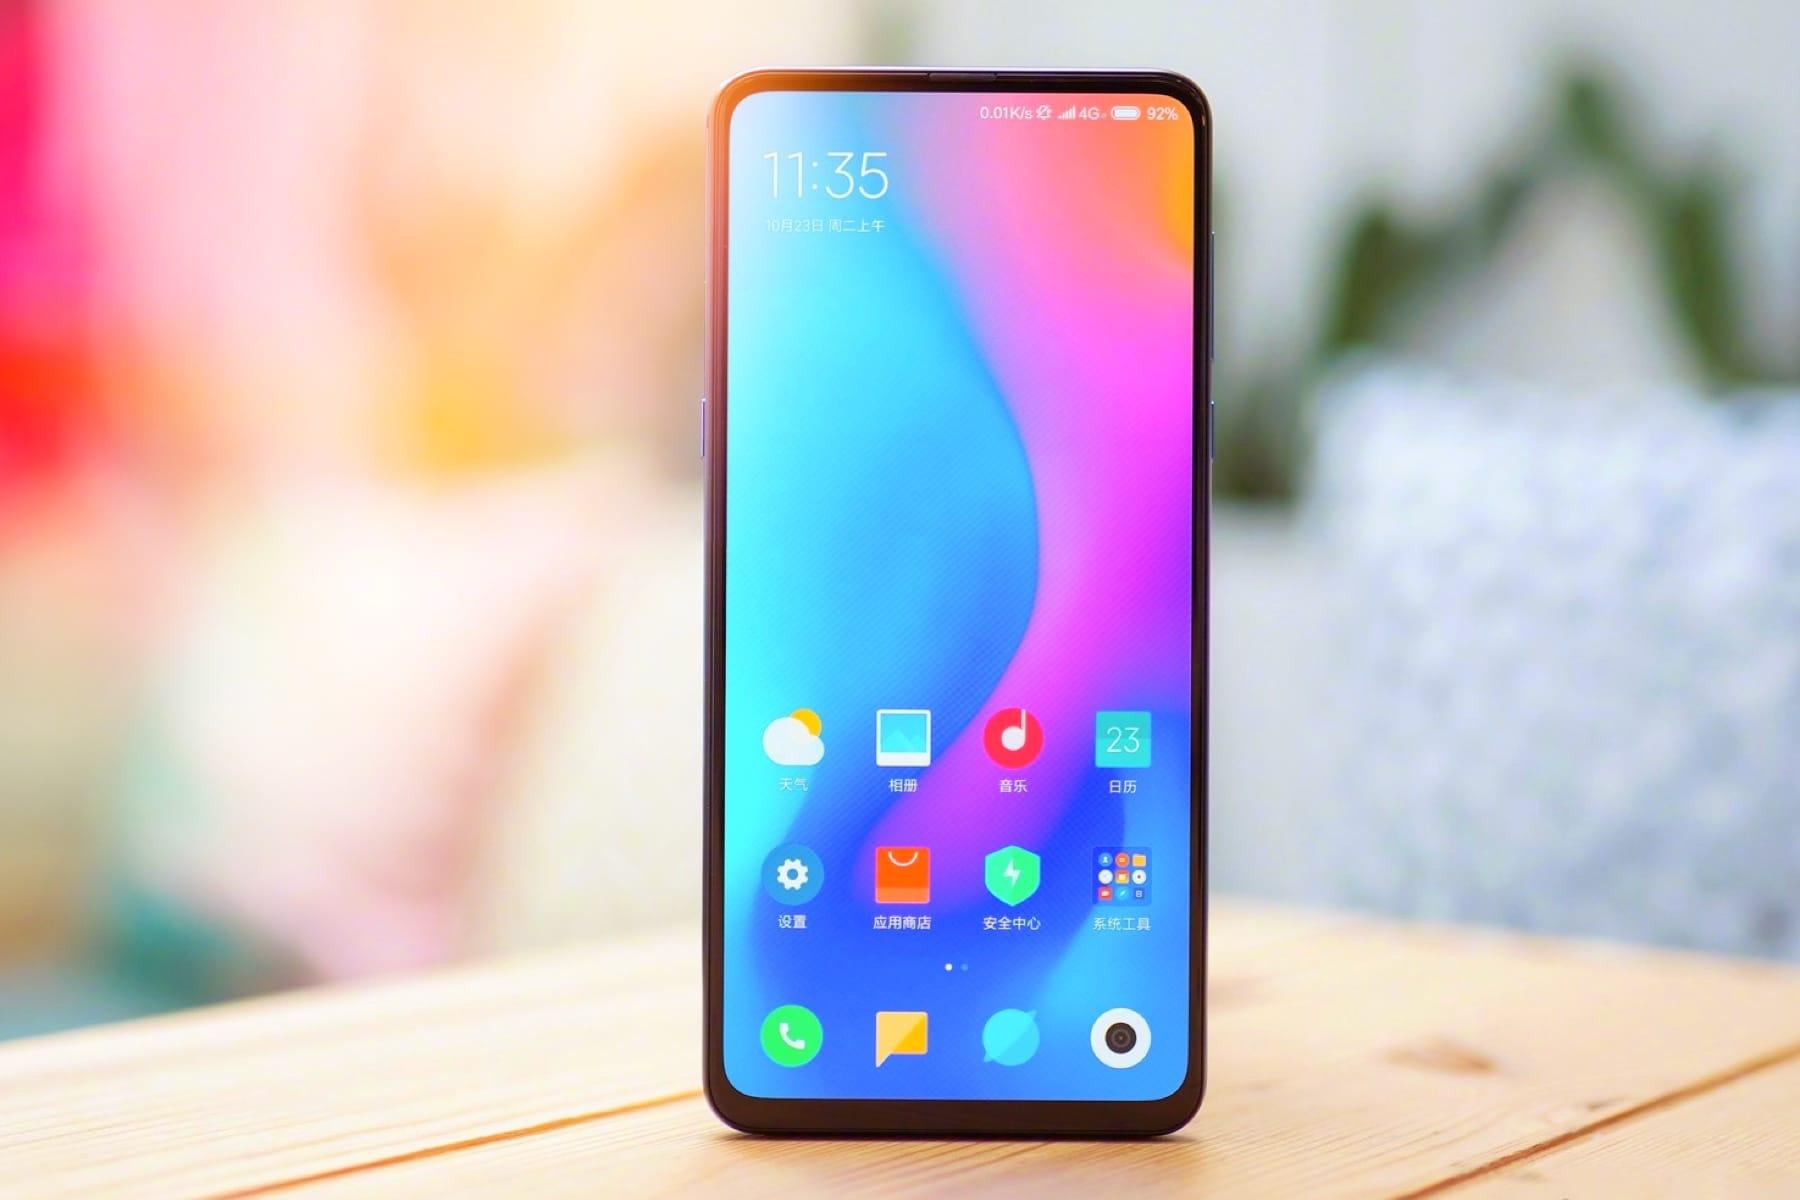 Чем Xiaomi порадует в начале декабря: Xiaomi Mi 9 получил безумную особенность, о которой